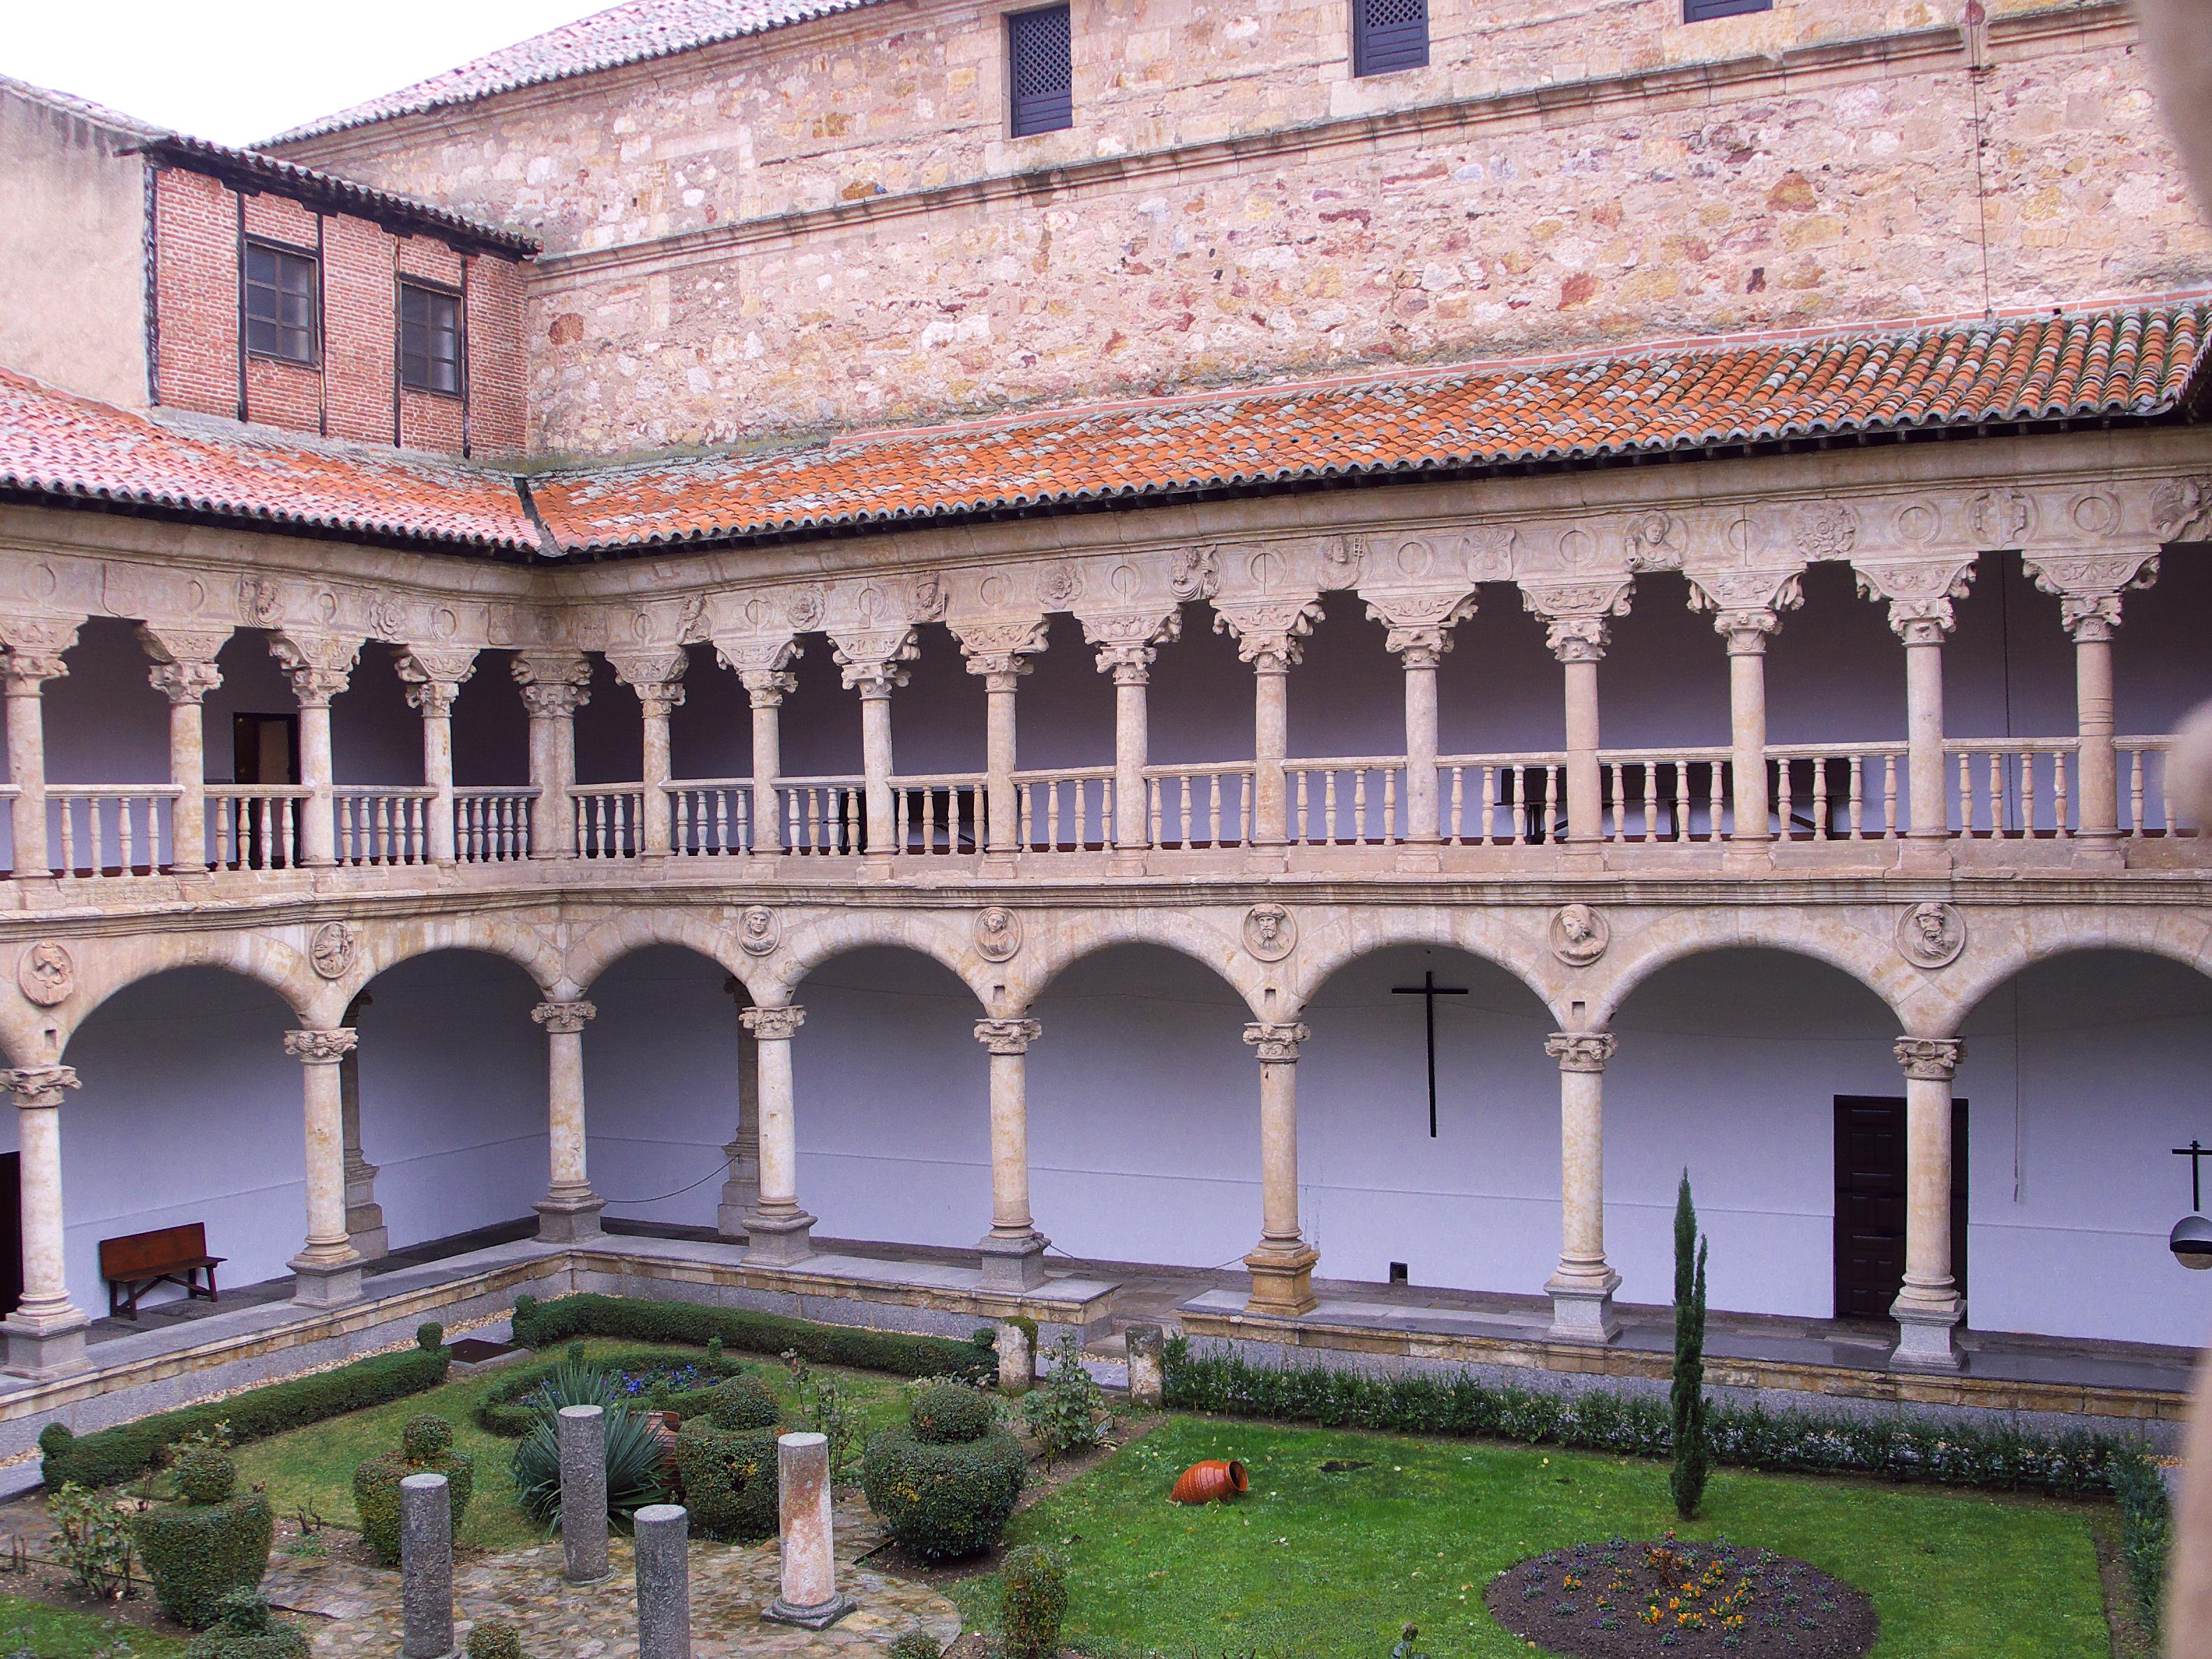 File:Convento de las Dueñas. Claustro.jpg - Wikimedia Commons